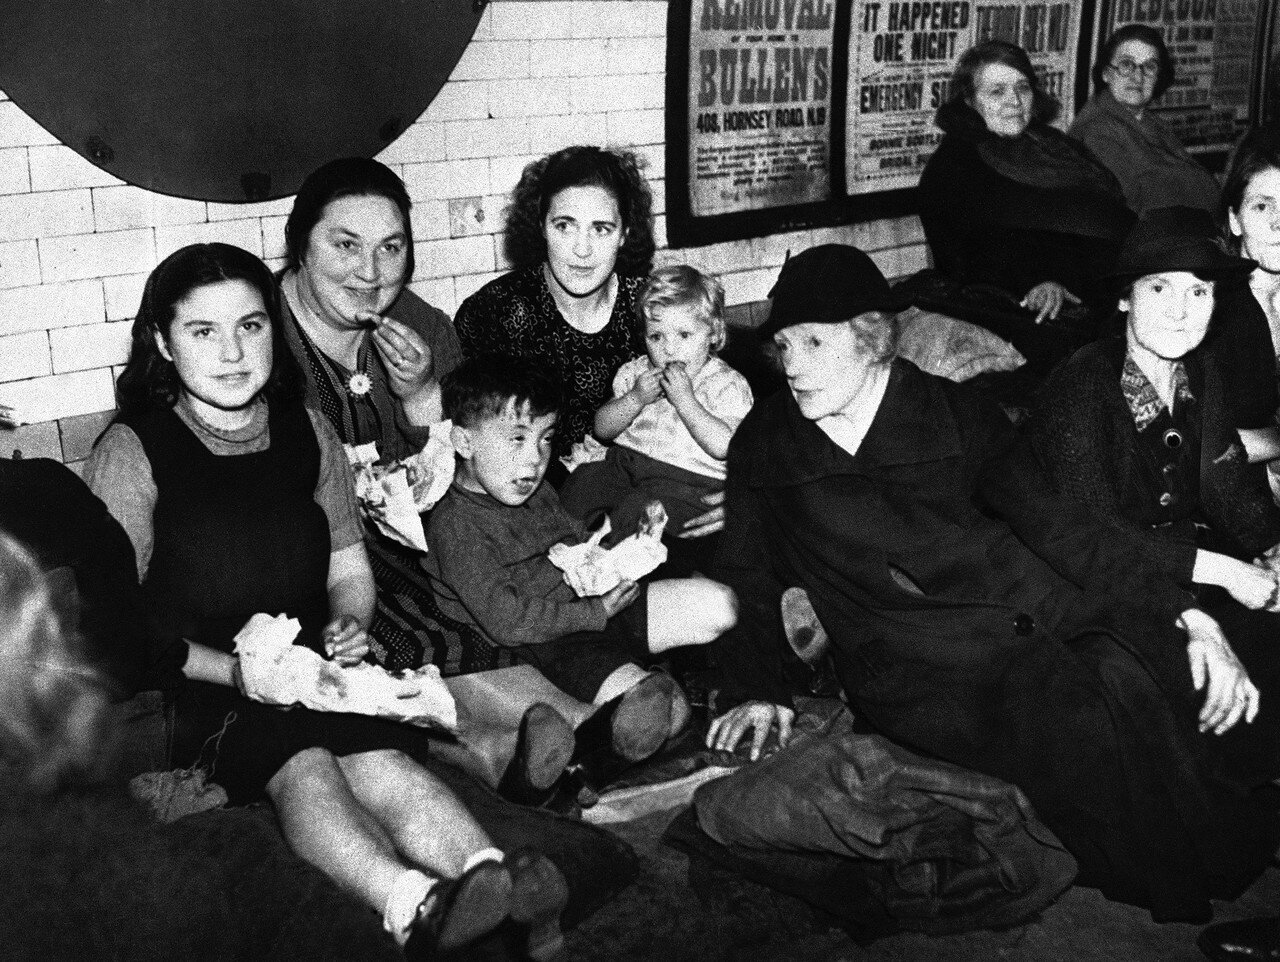 1940. Глубоко под землей тысячи лондонцев каждую ночь пережидают налеты немецкой авиации на столицу. 1 октября